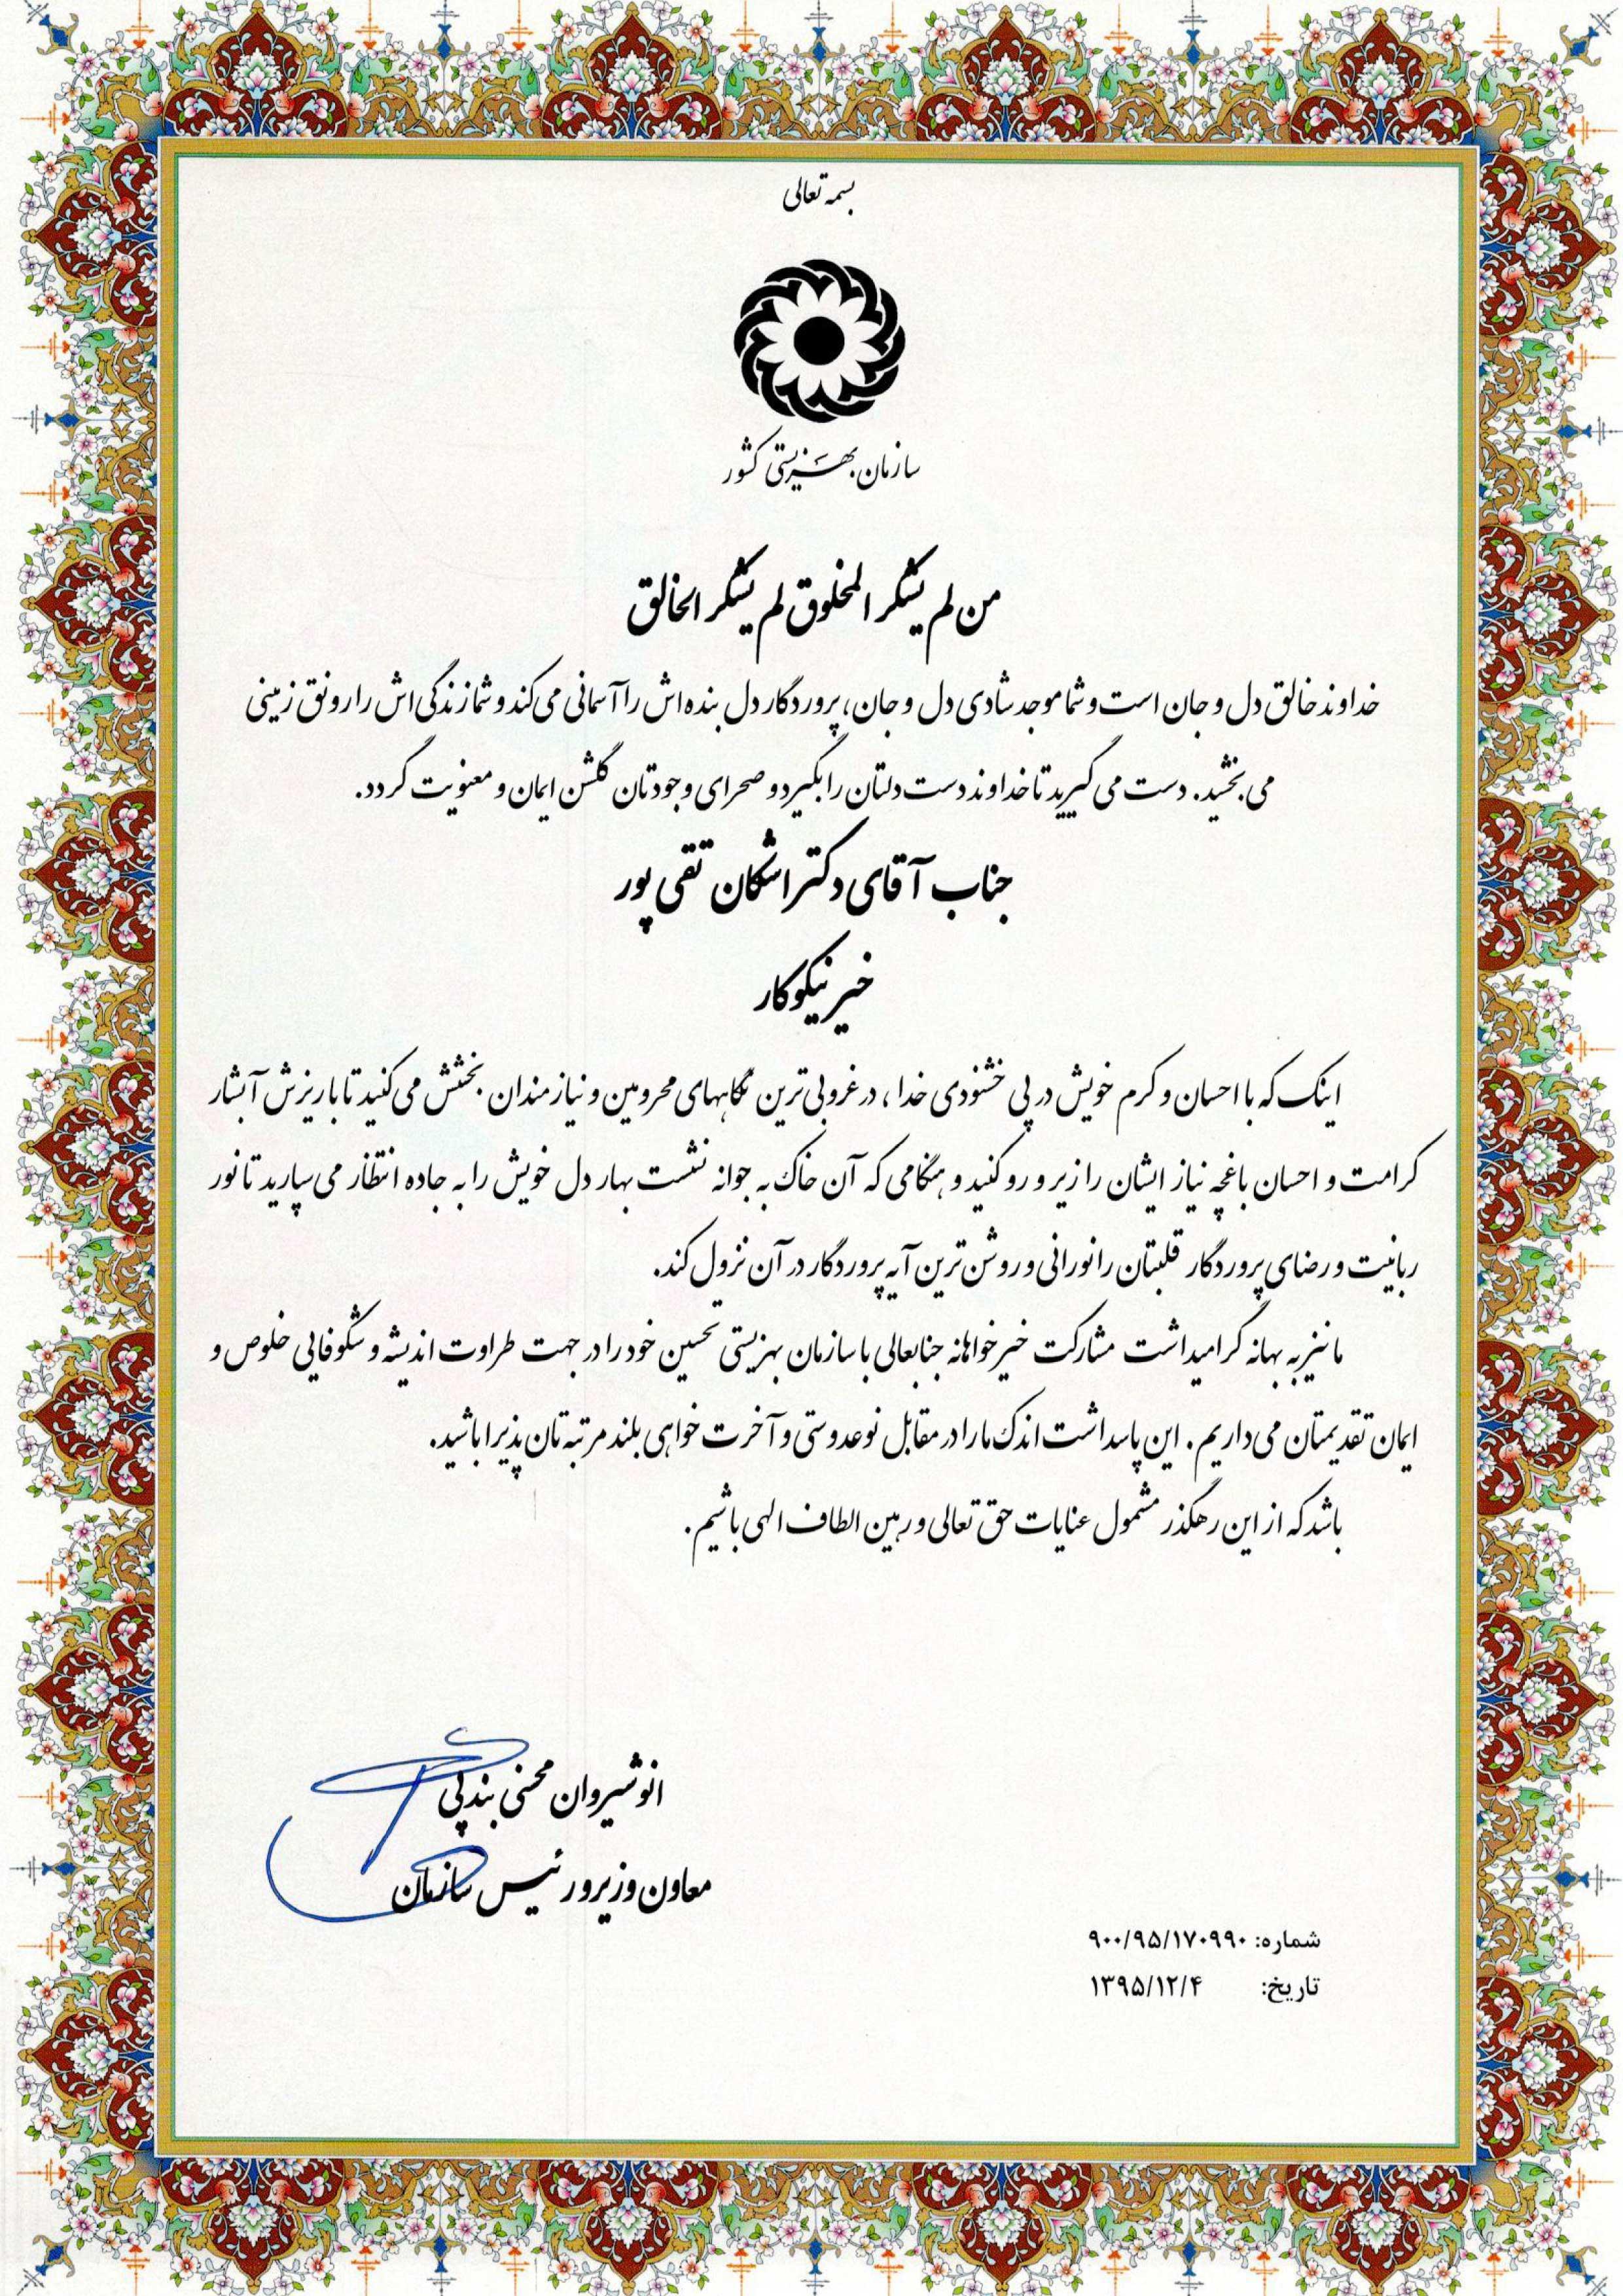 آقای دکتر محسنی بندپی، استاندار تهران و رئیس پیشین سازمان بهزیستی